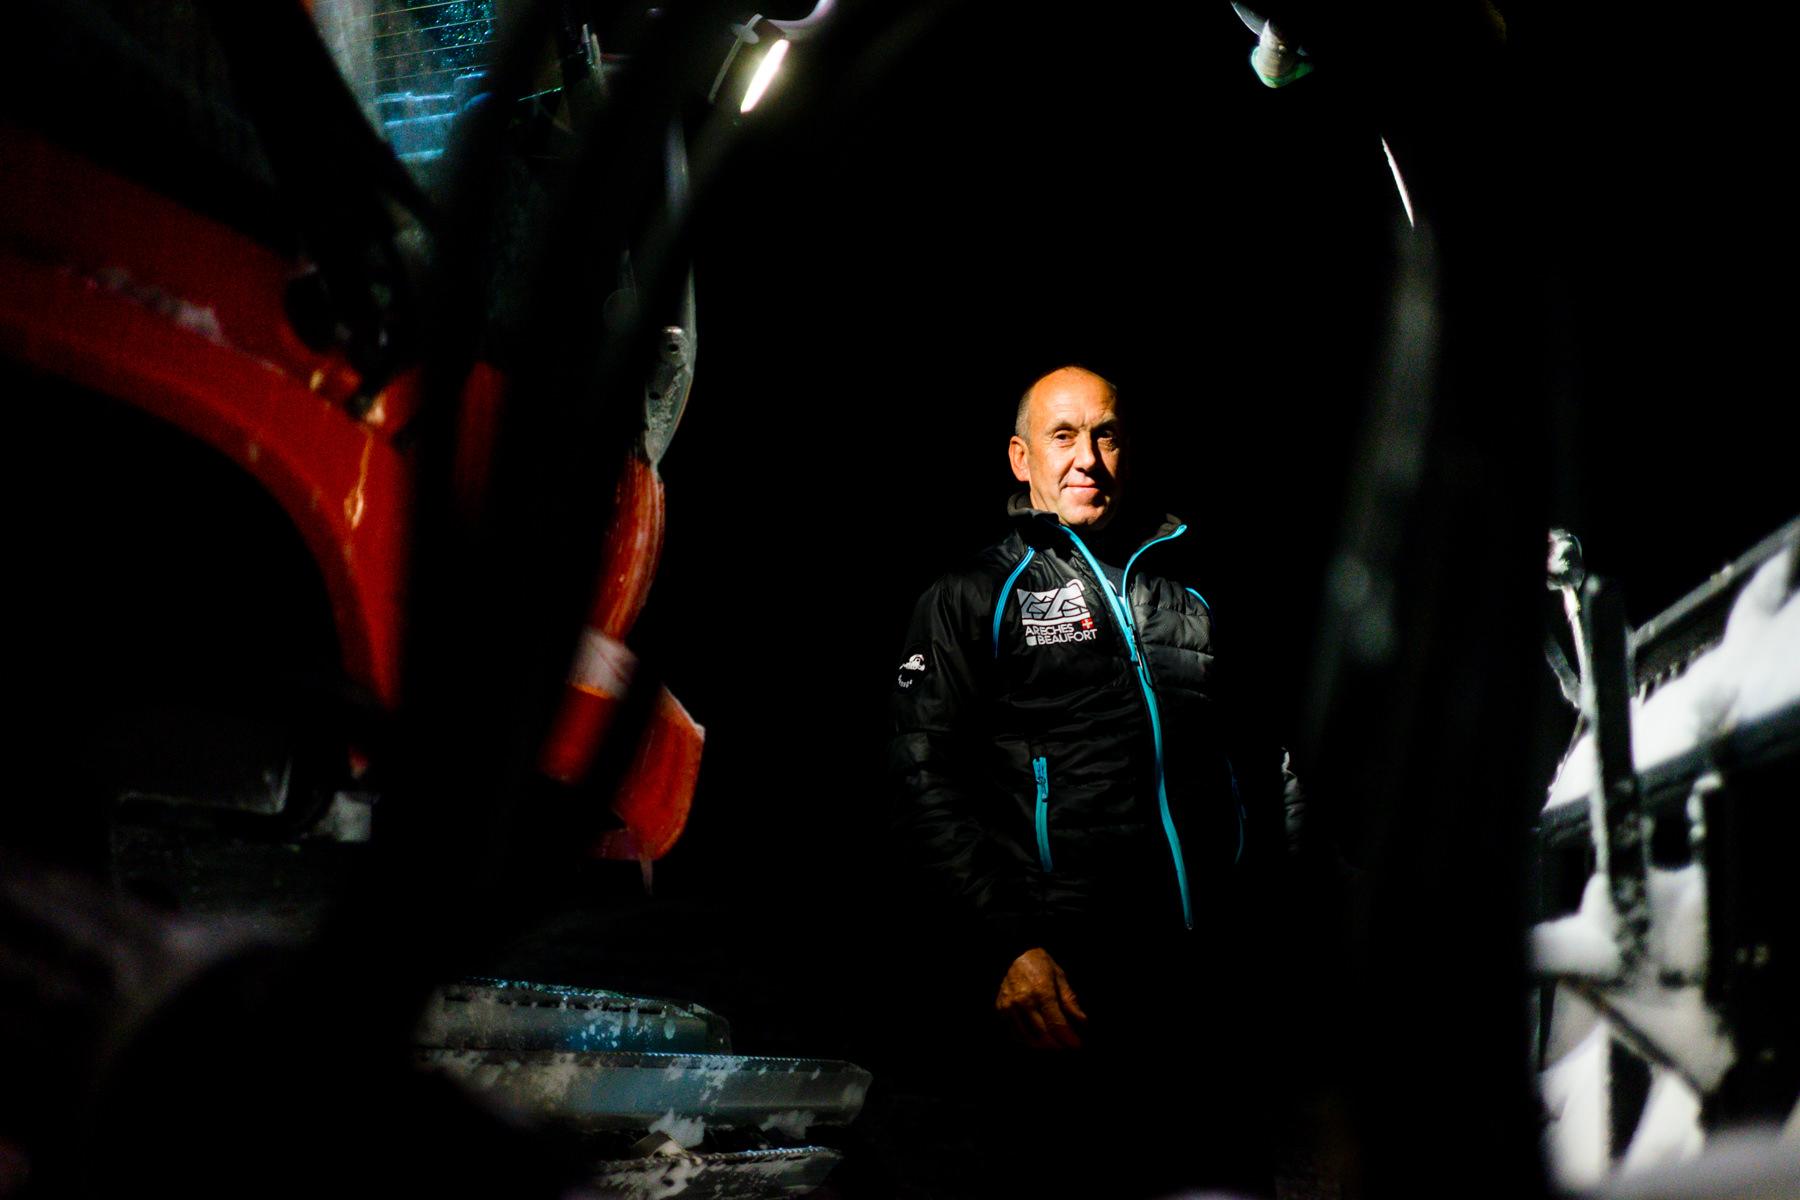 Serge, conducteur d'engin de damage - Arêches-Beaufort (73)